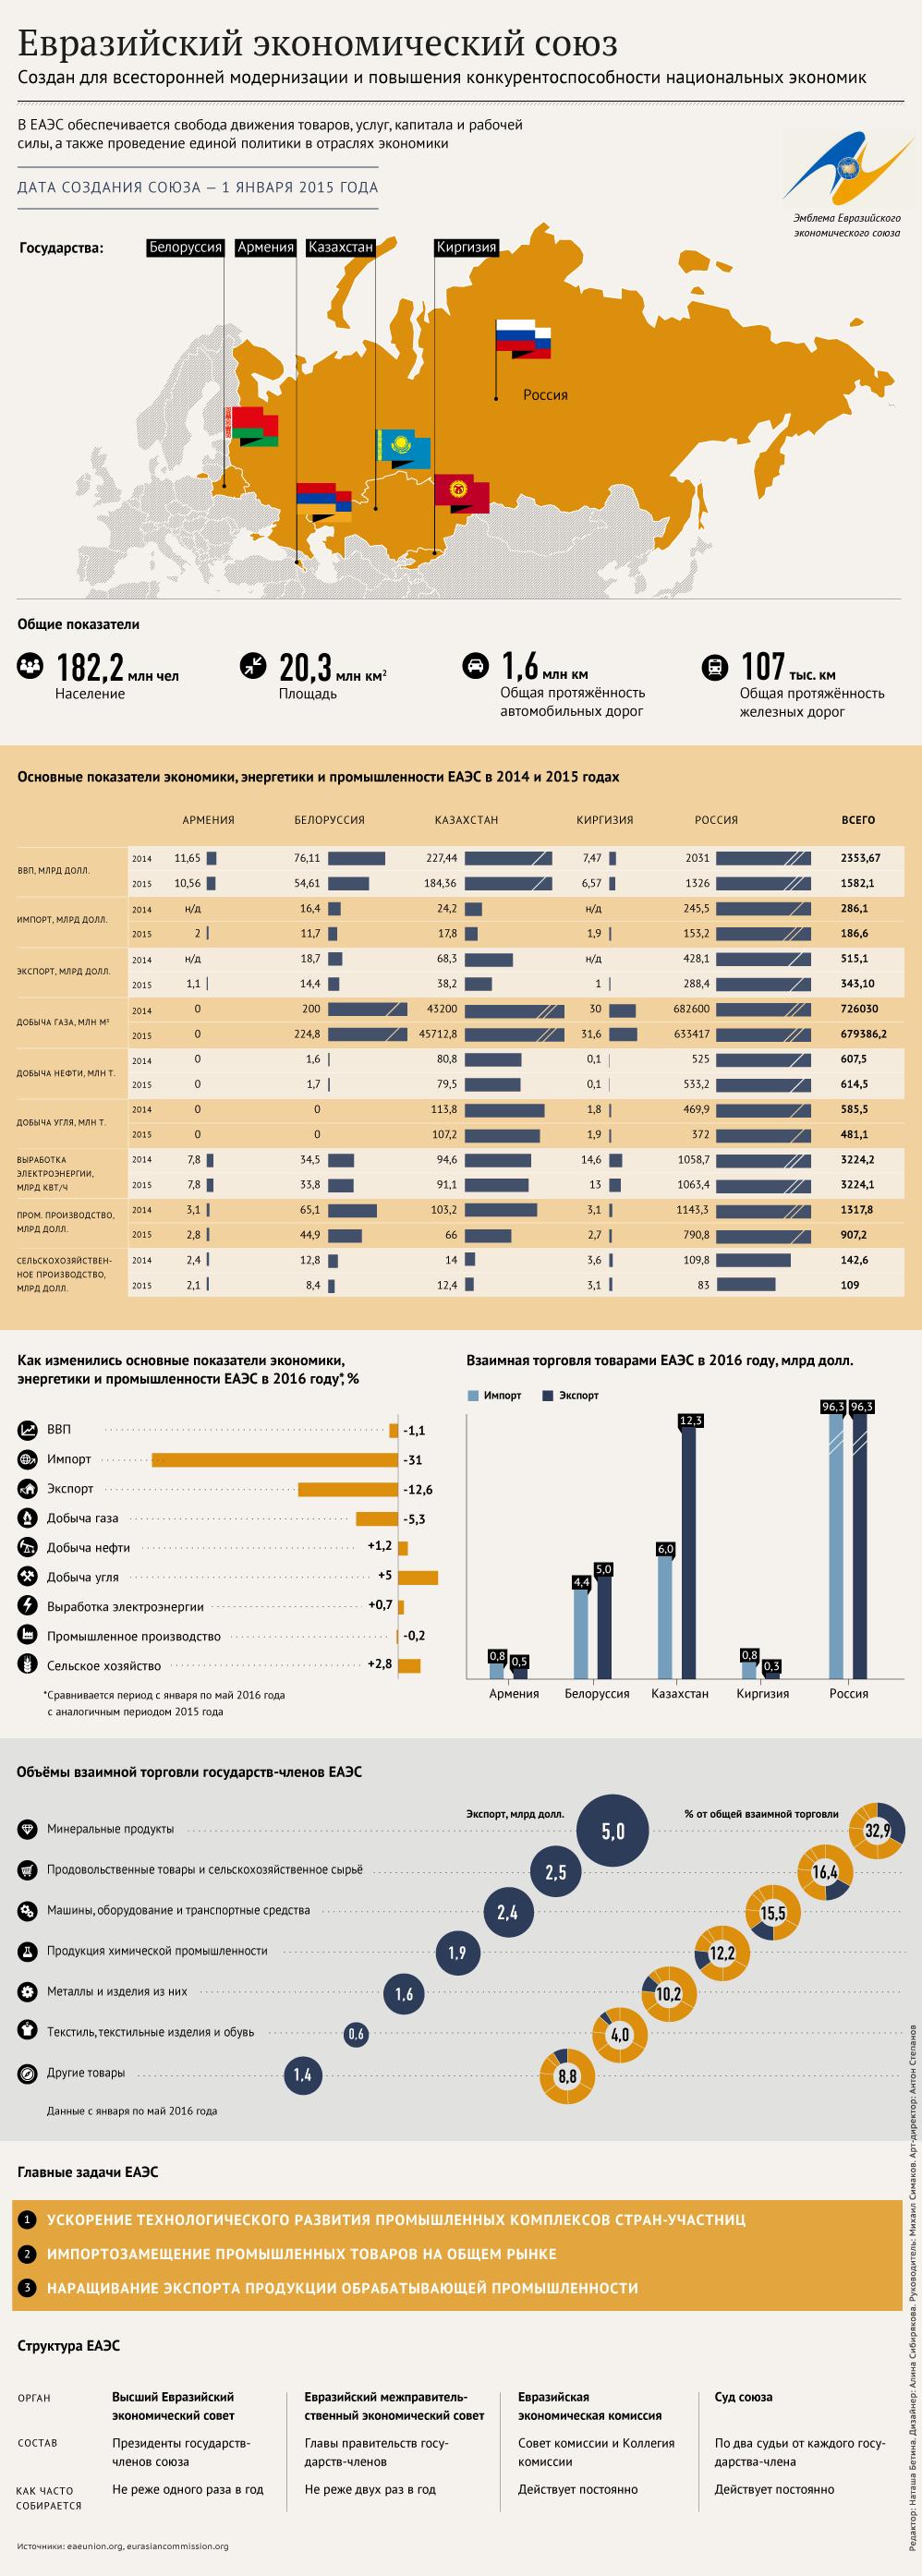 Структура и задачи Евразийского экономического союза